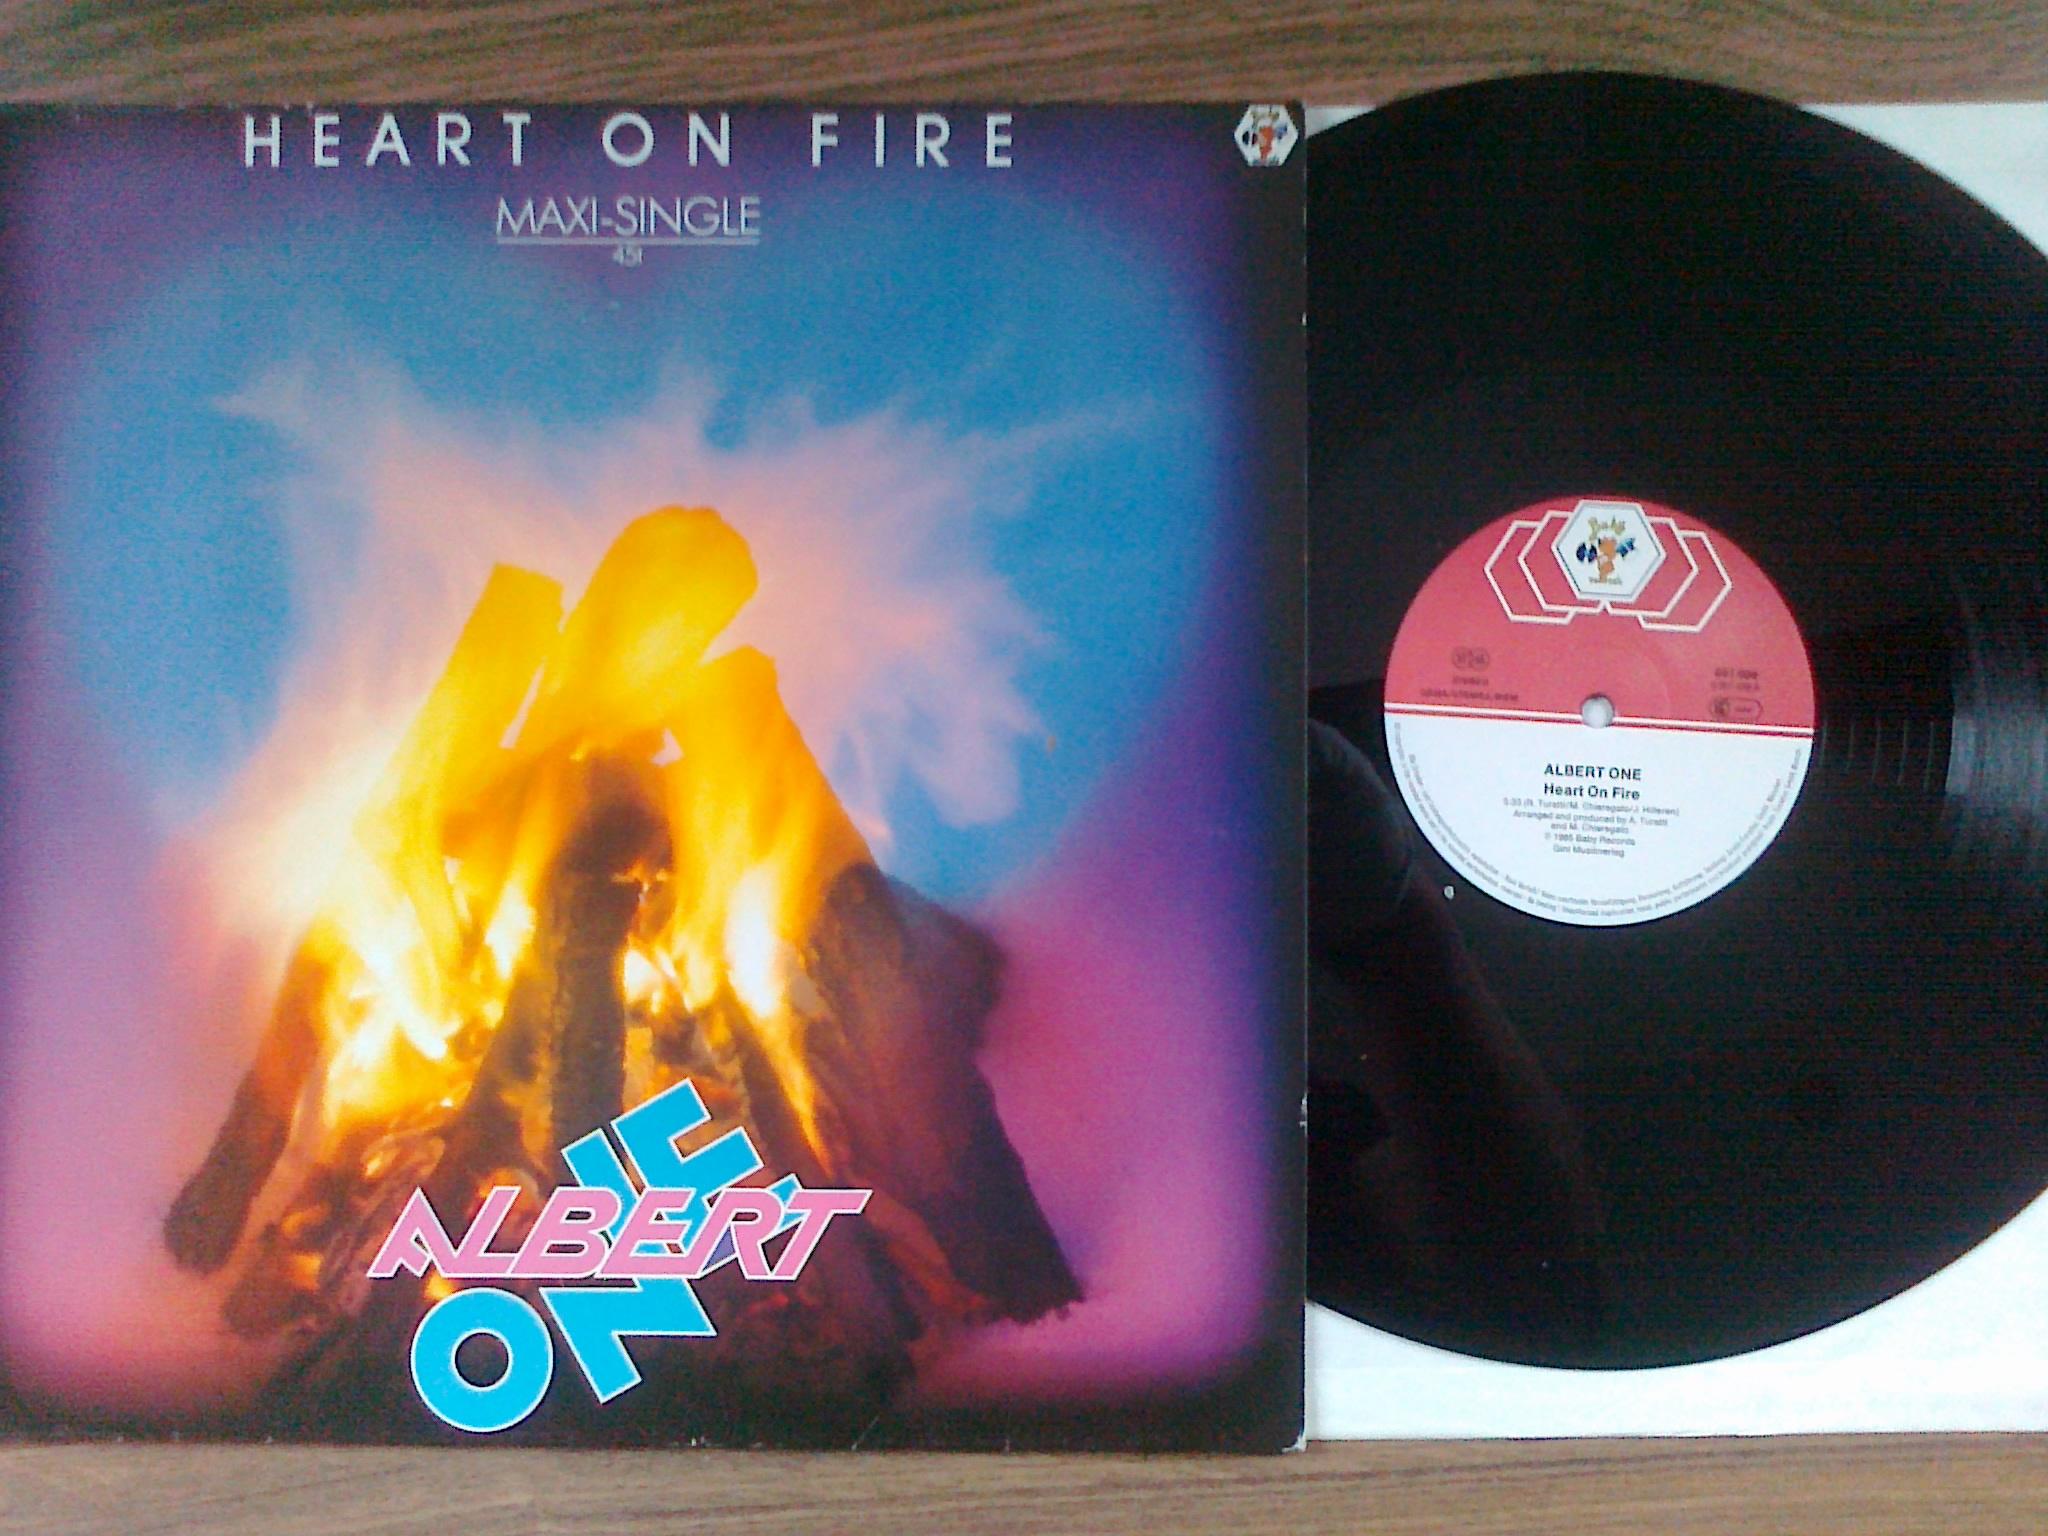 Albert One - Heart on fire